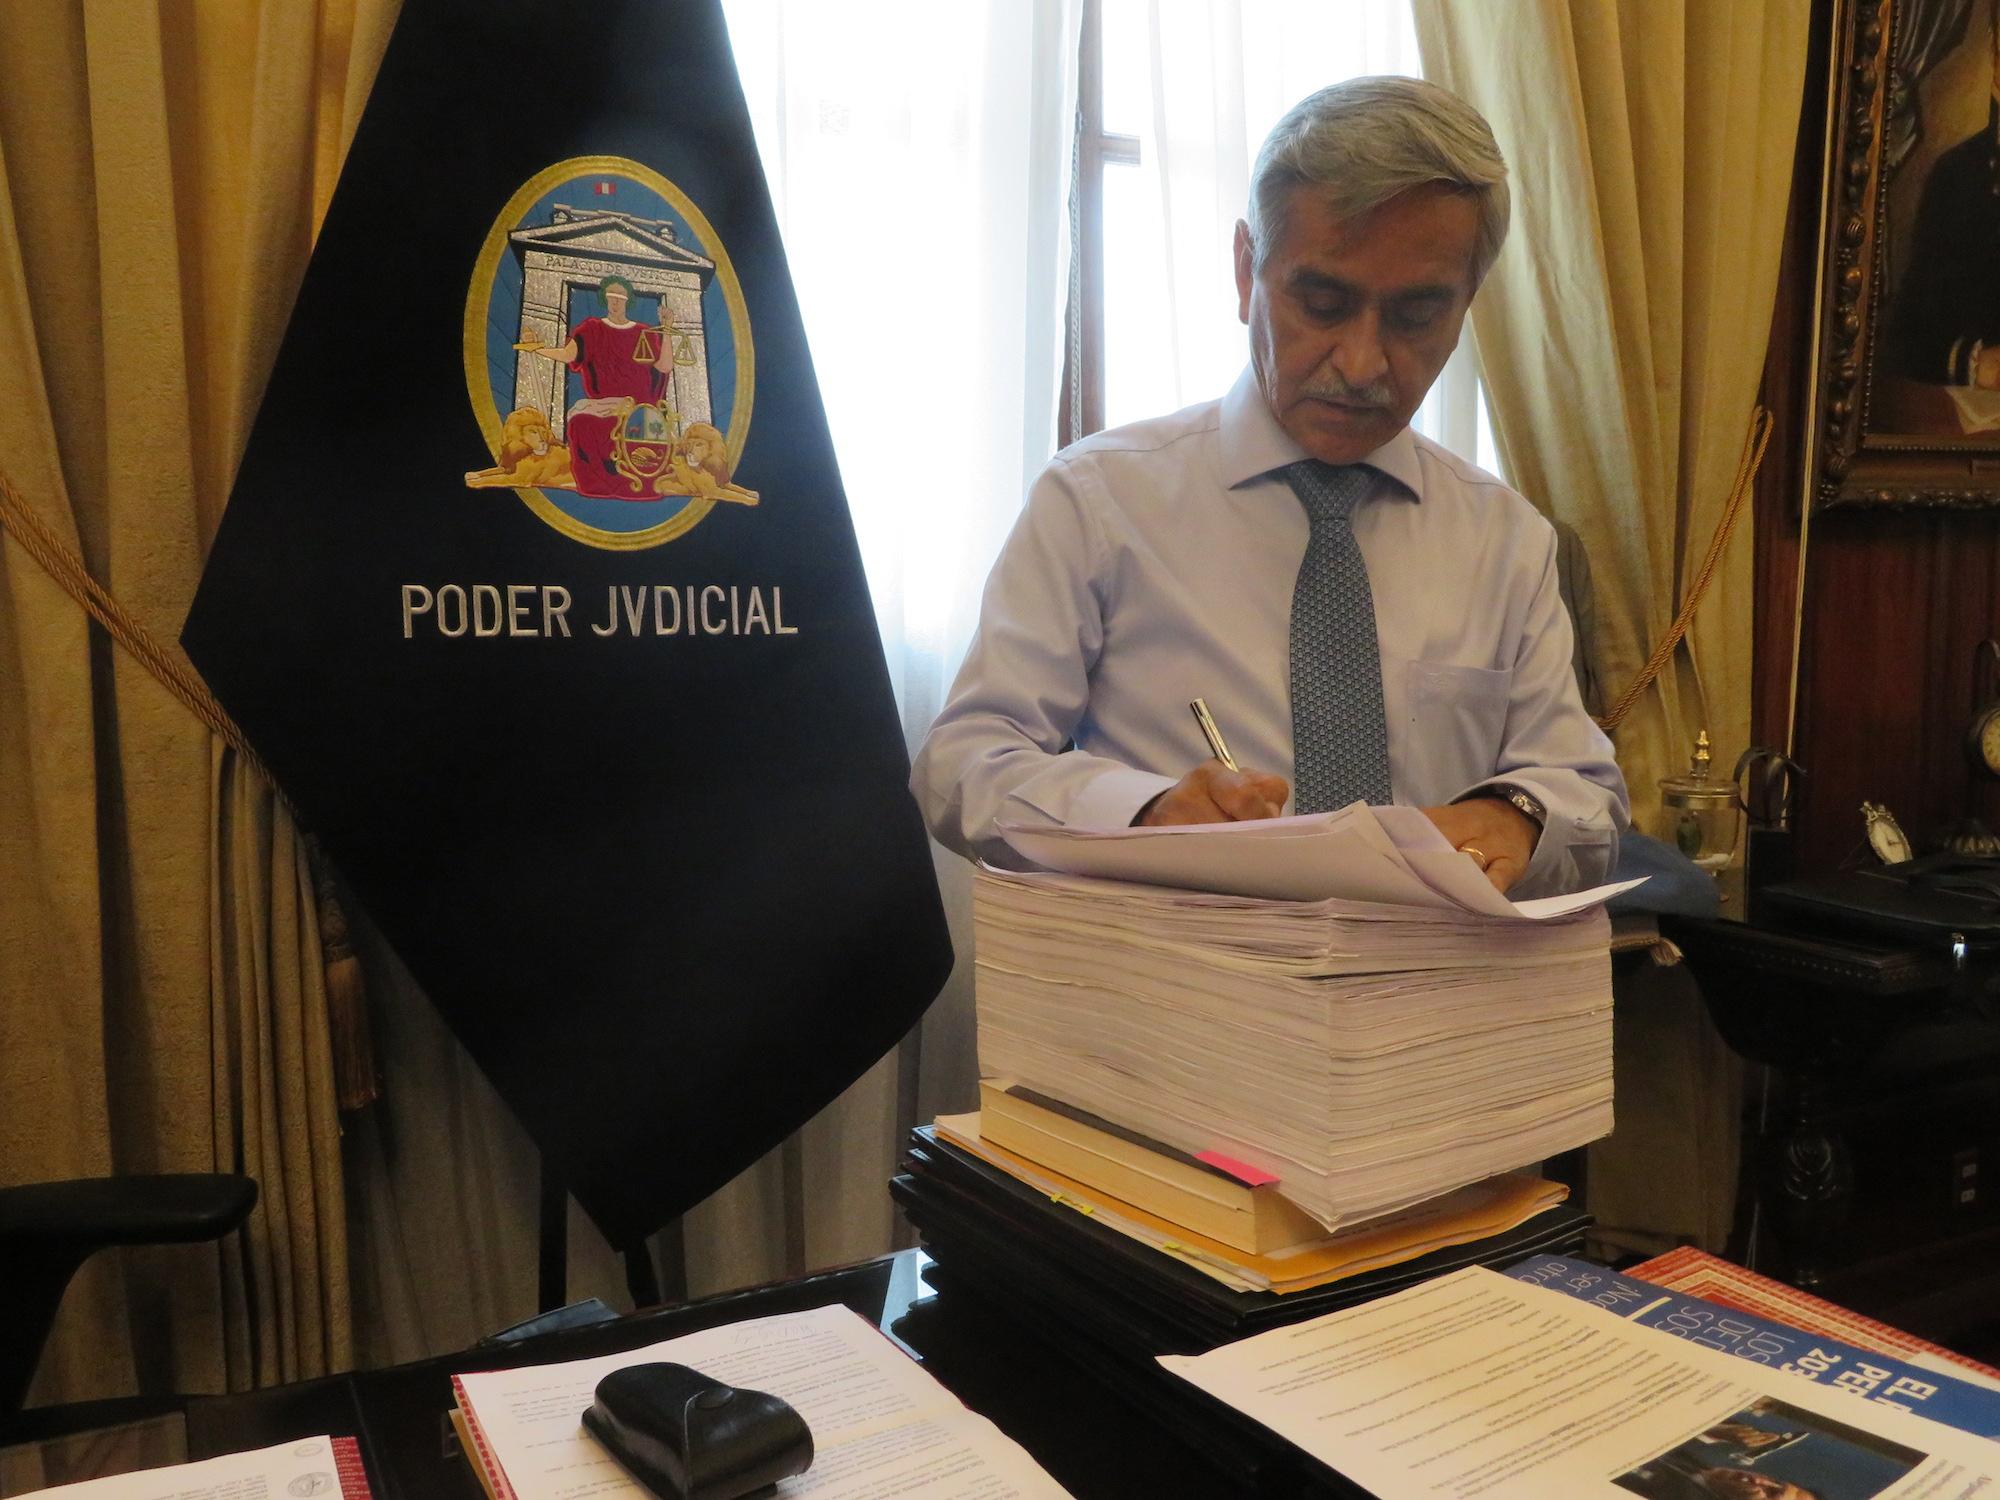 El presidente del Poder Judicial, Duberlí Rodríguez, en su oficina del Palacio de Justicia firma el cuaderno de extradición del ex presidente Alejandro Toledo. Foto: Alexa Vélez Zuazo.